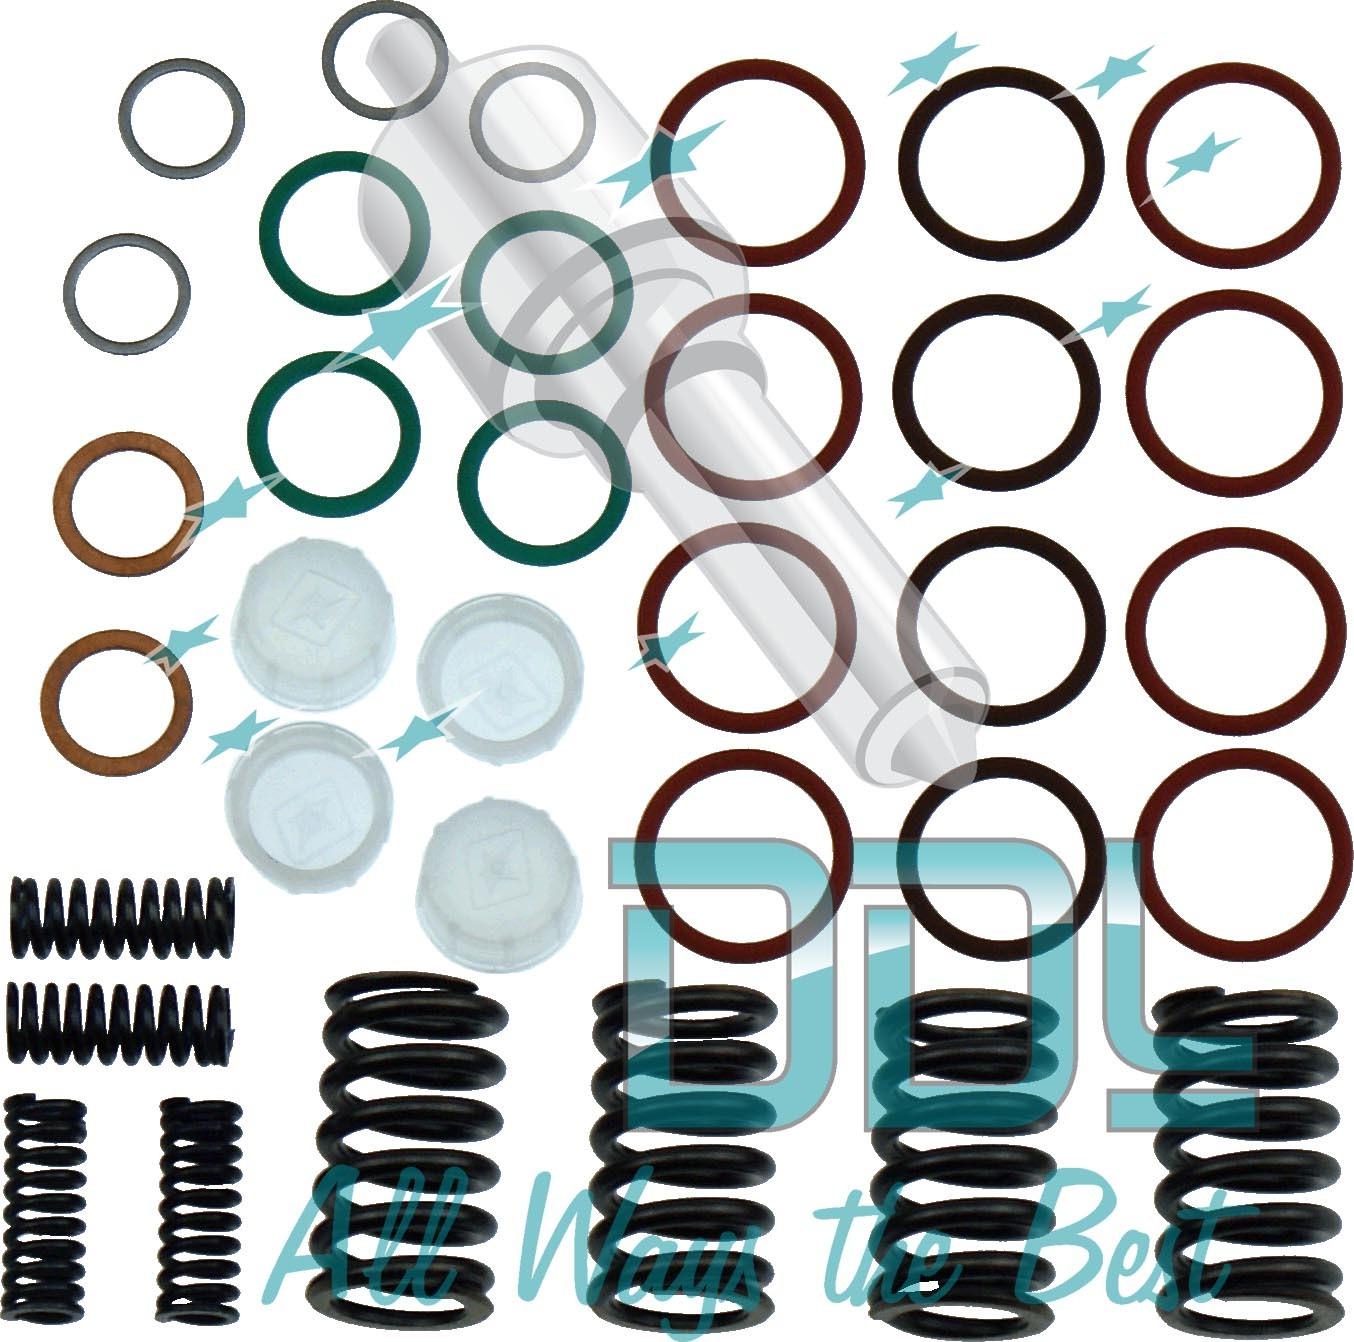 25D45 Non Genuine Zexel Repair Kit for Kubota Pump - Darwen